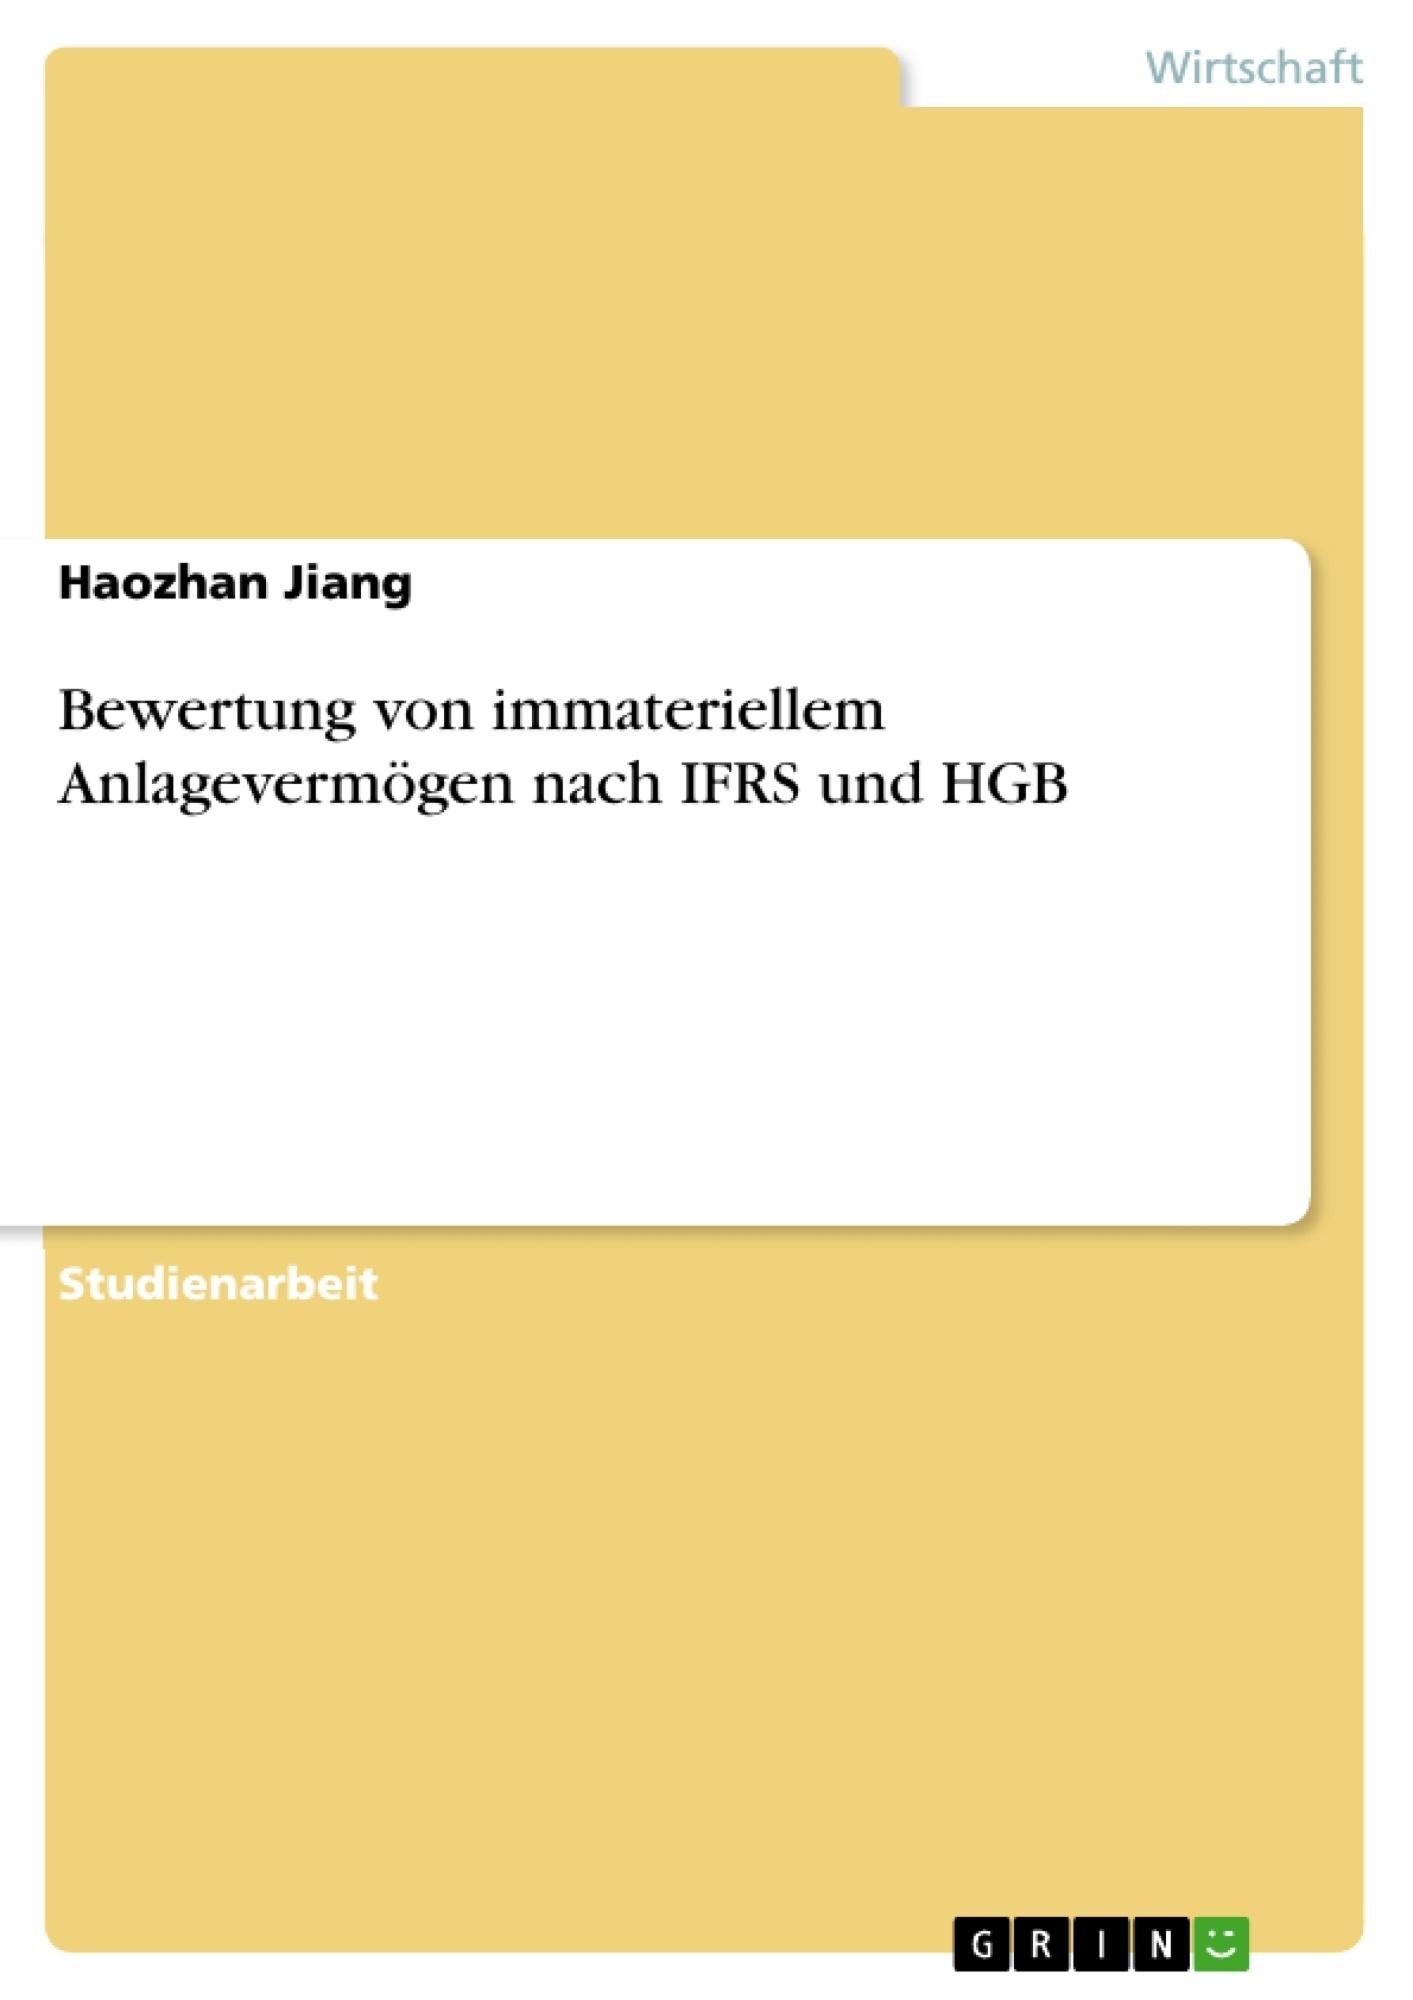 Titel: Bewertung von immateriellem Anlagevermögen nach IFRS und HGB